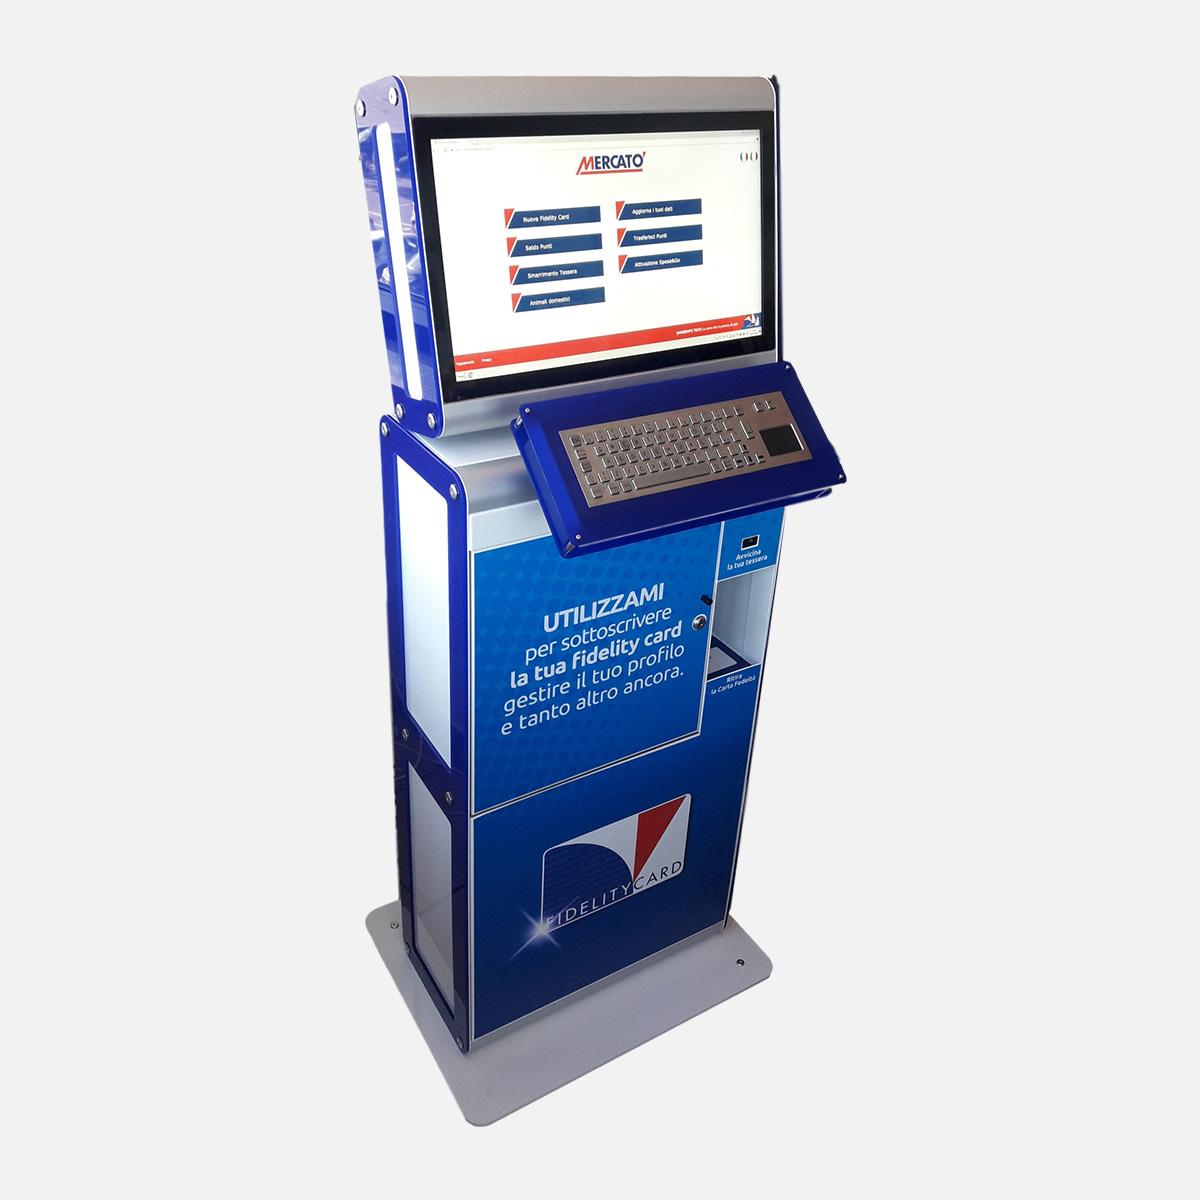 SmartKiosk Italy - Fidelity Card Dispenser TF04